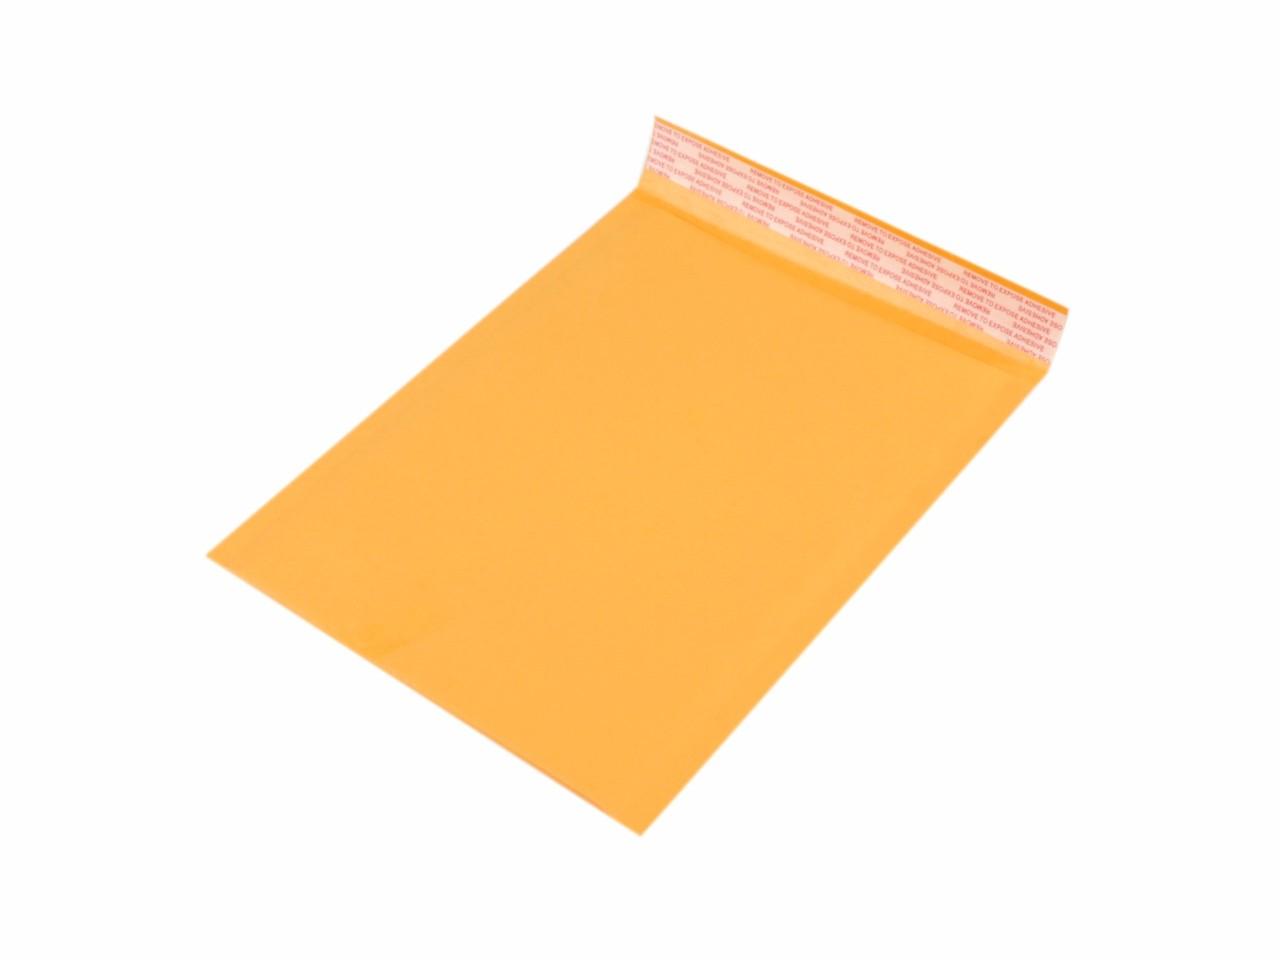 Bublinková obálka 18x23cm 10ks - 10 Kč / ks oranžová stř.